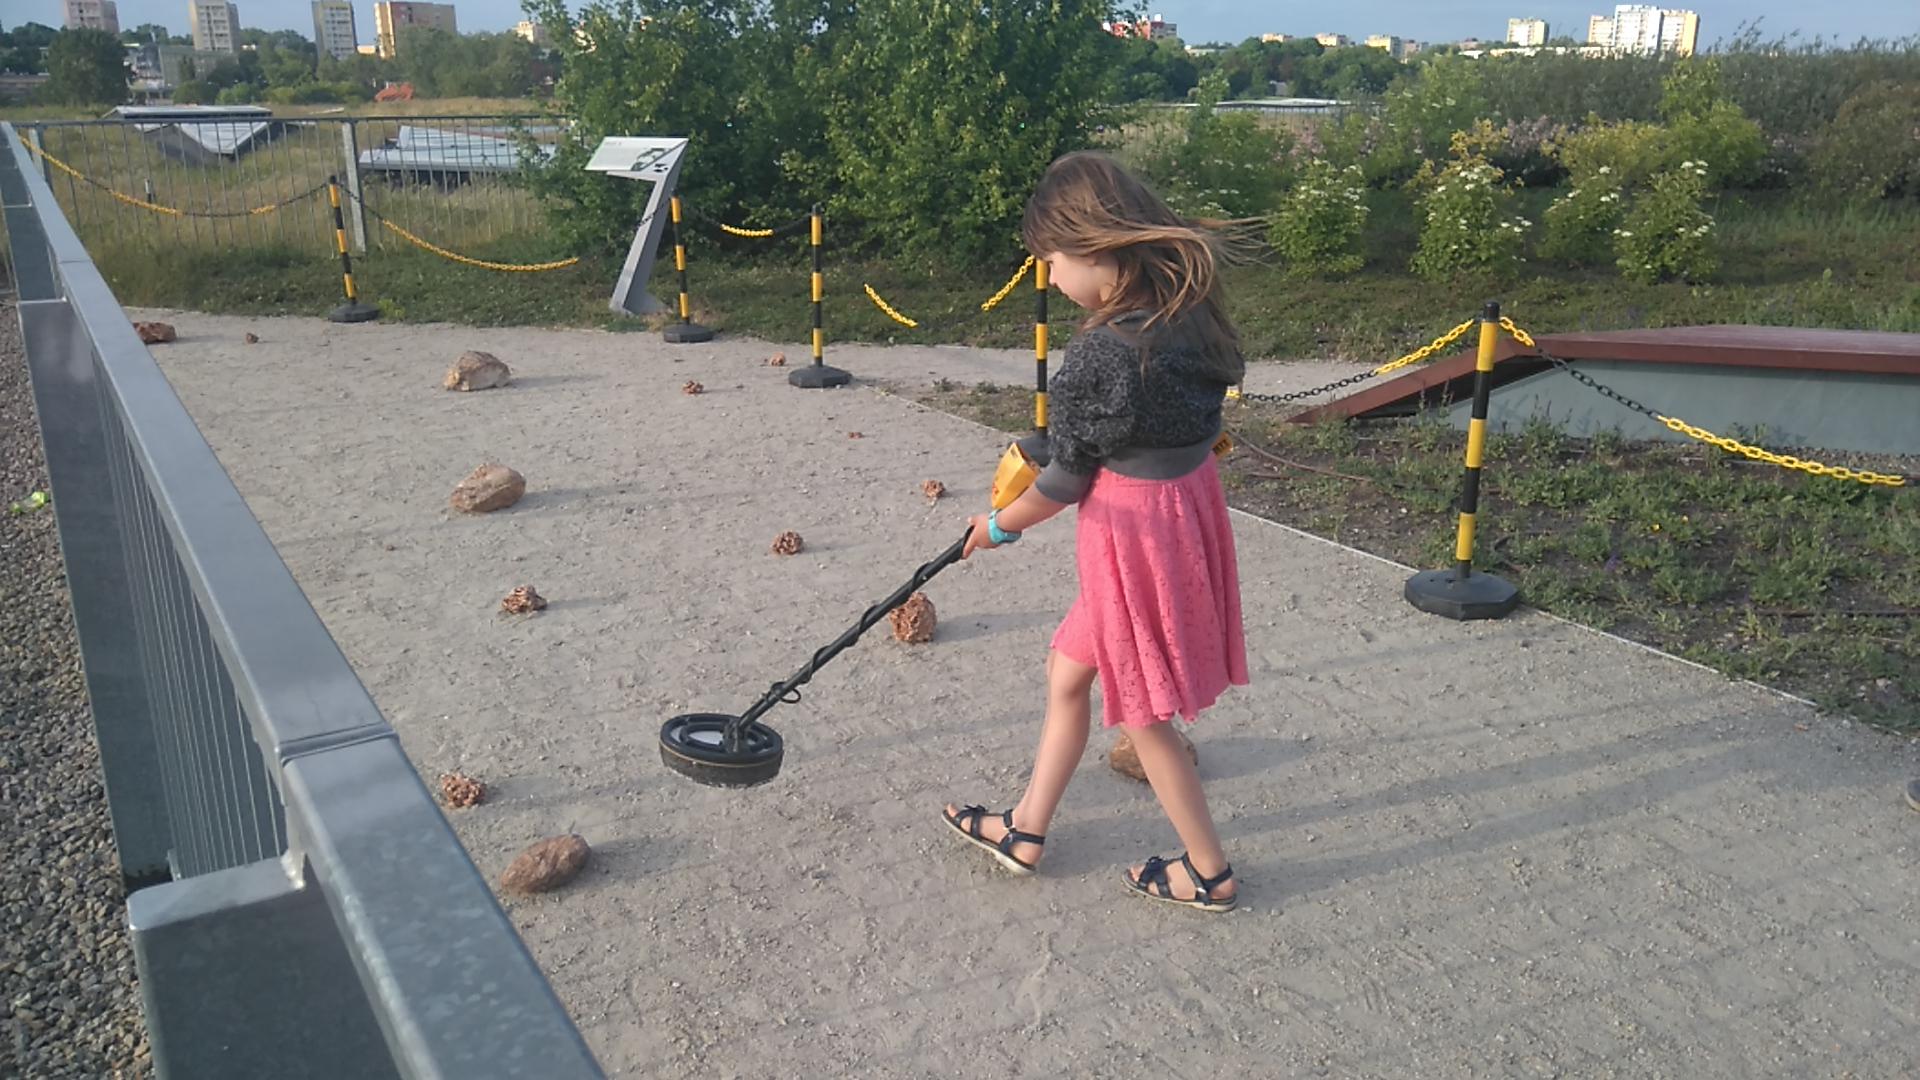 próby posługiwania się urządzeniem do poszukiwania meteorytów ćwiczebnych